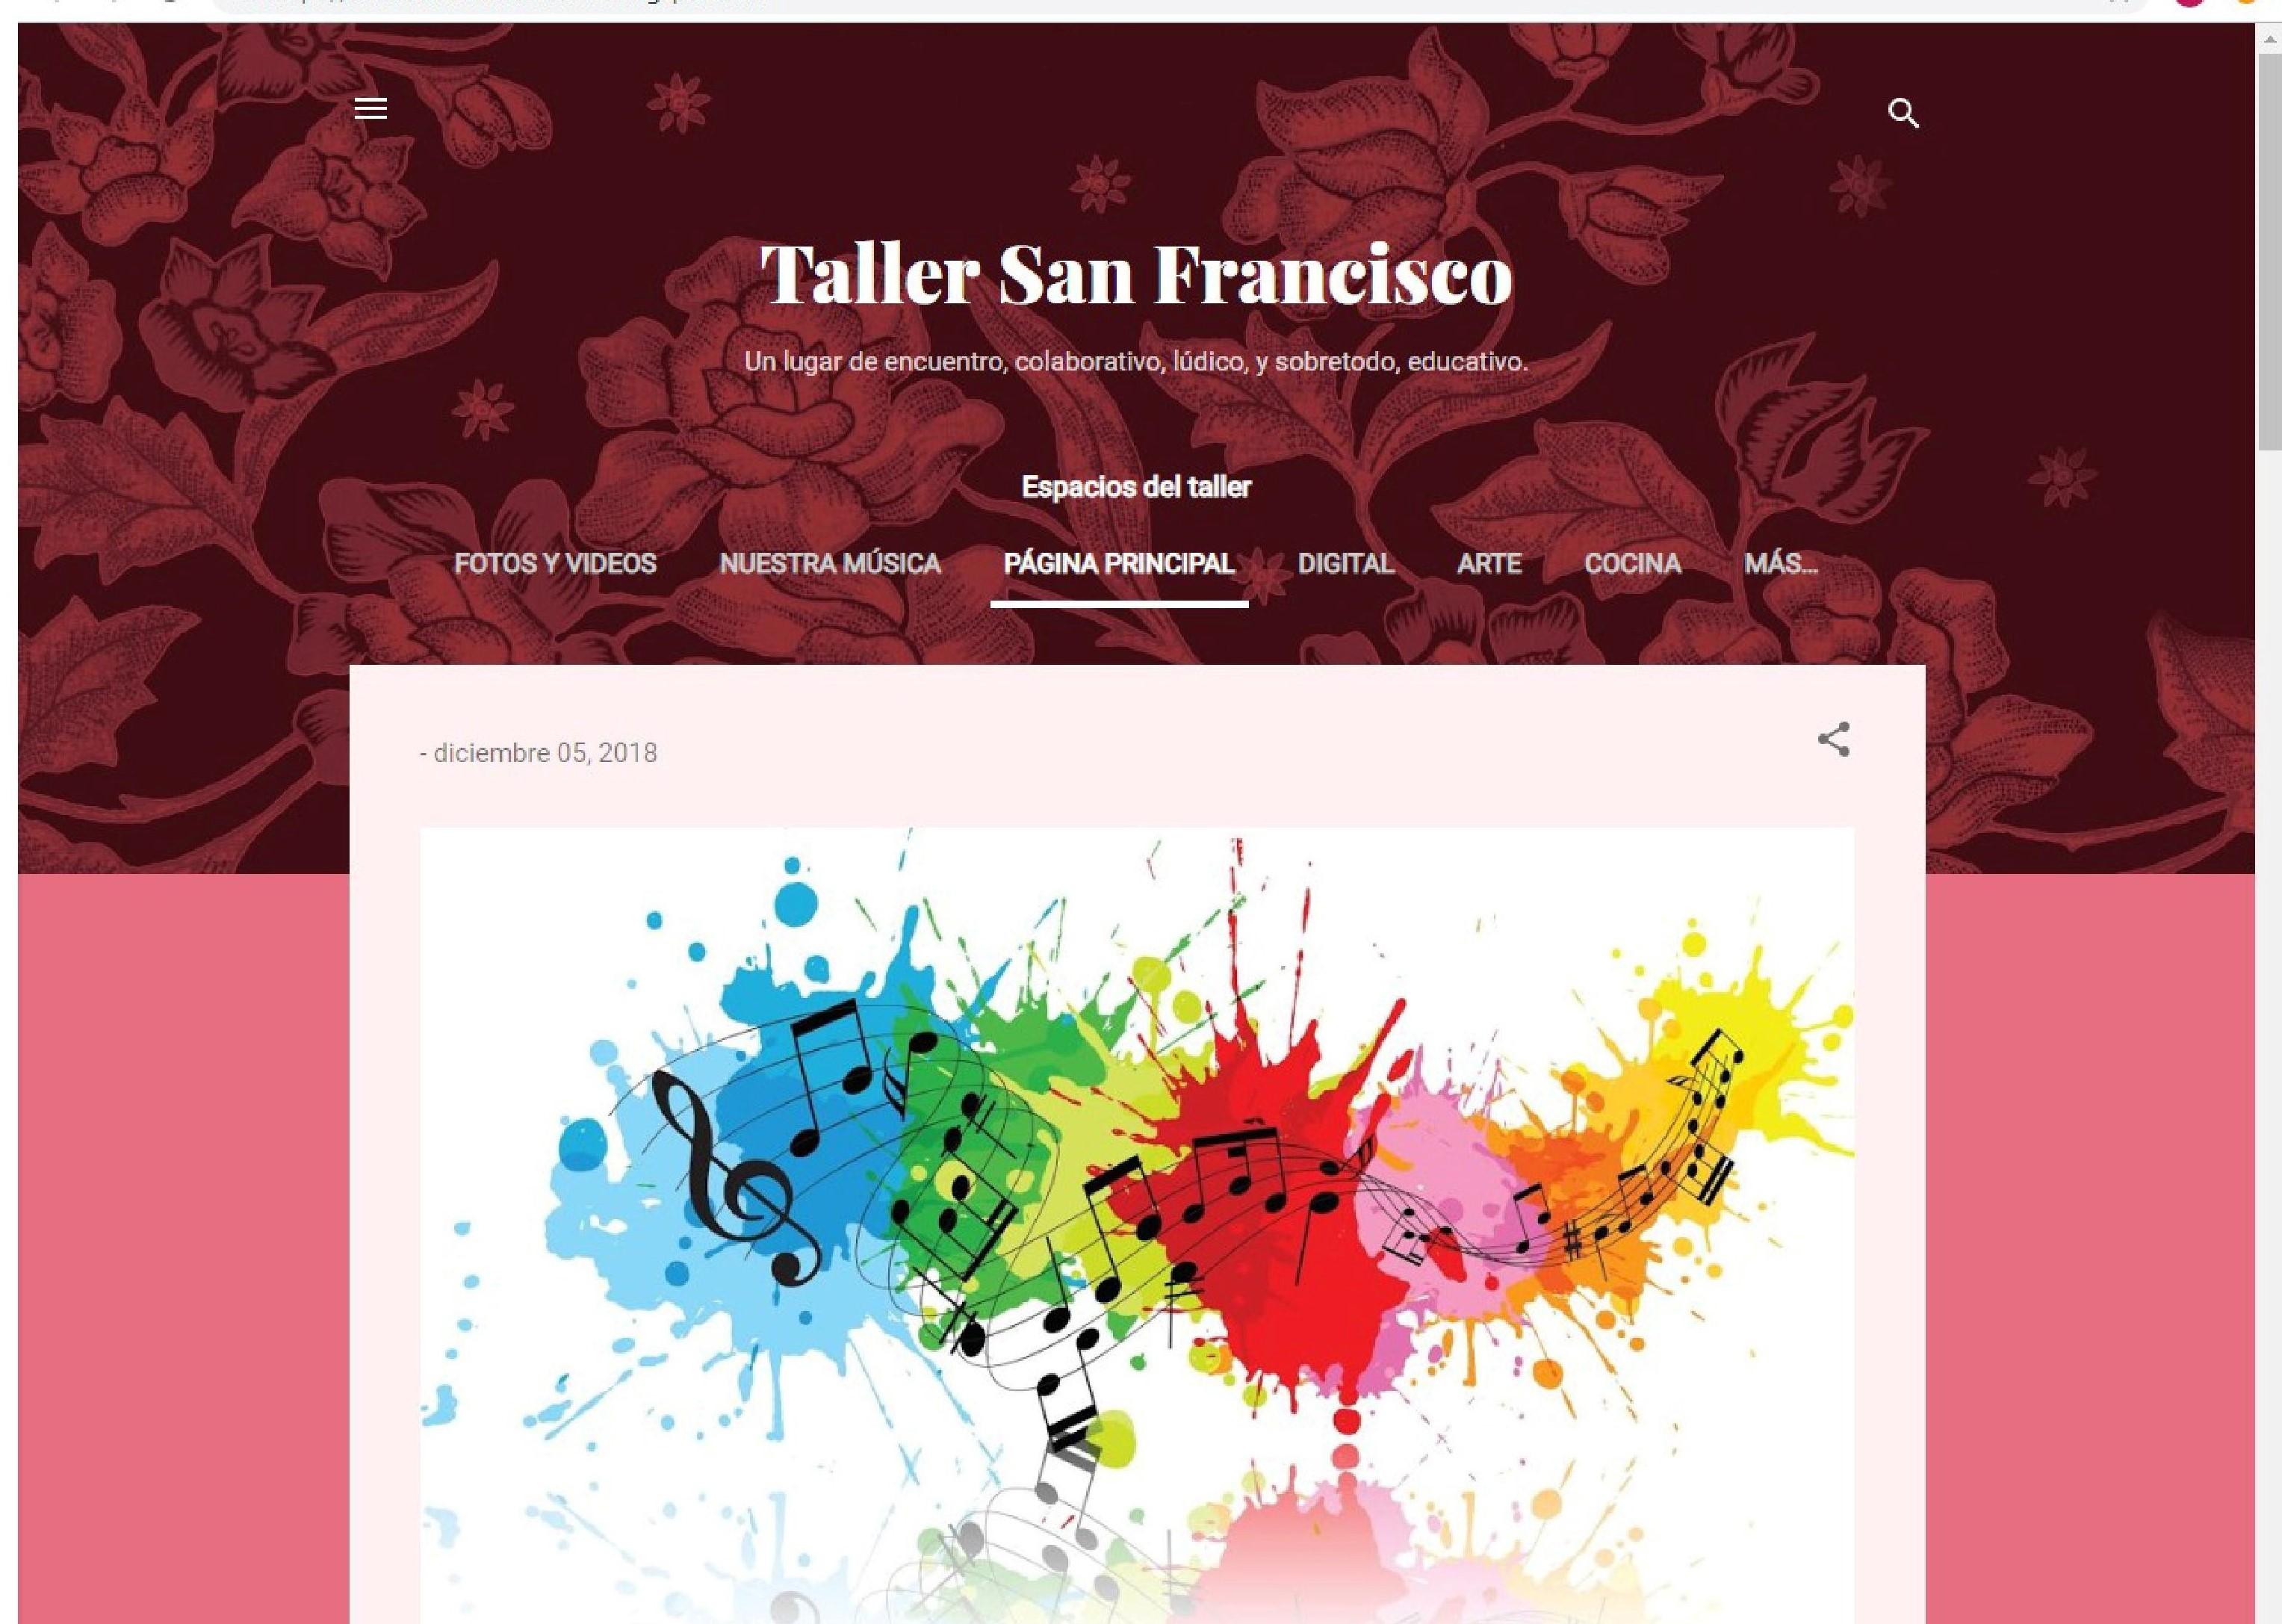 Taller San Francisco